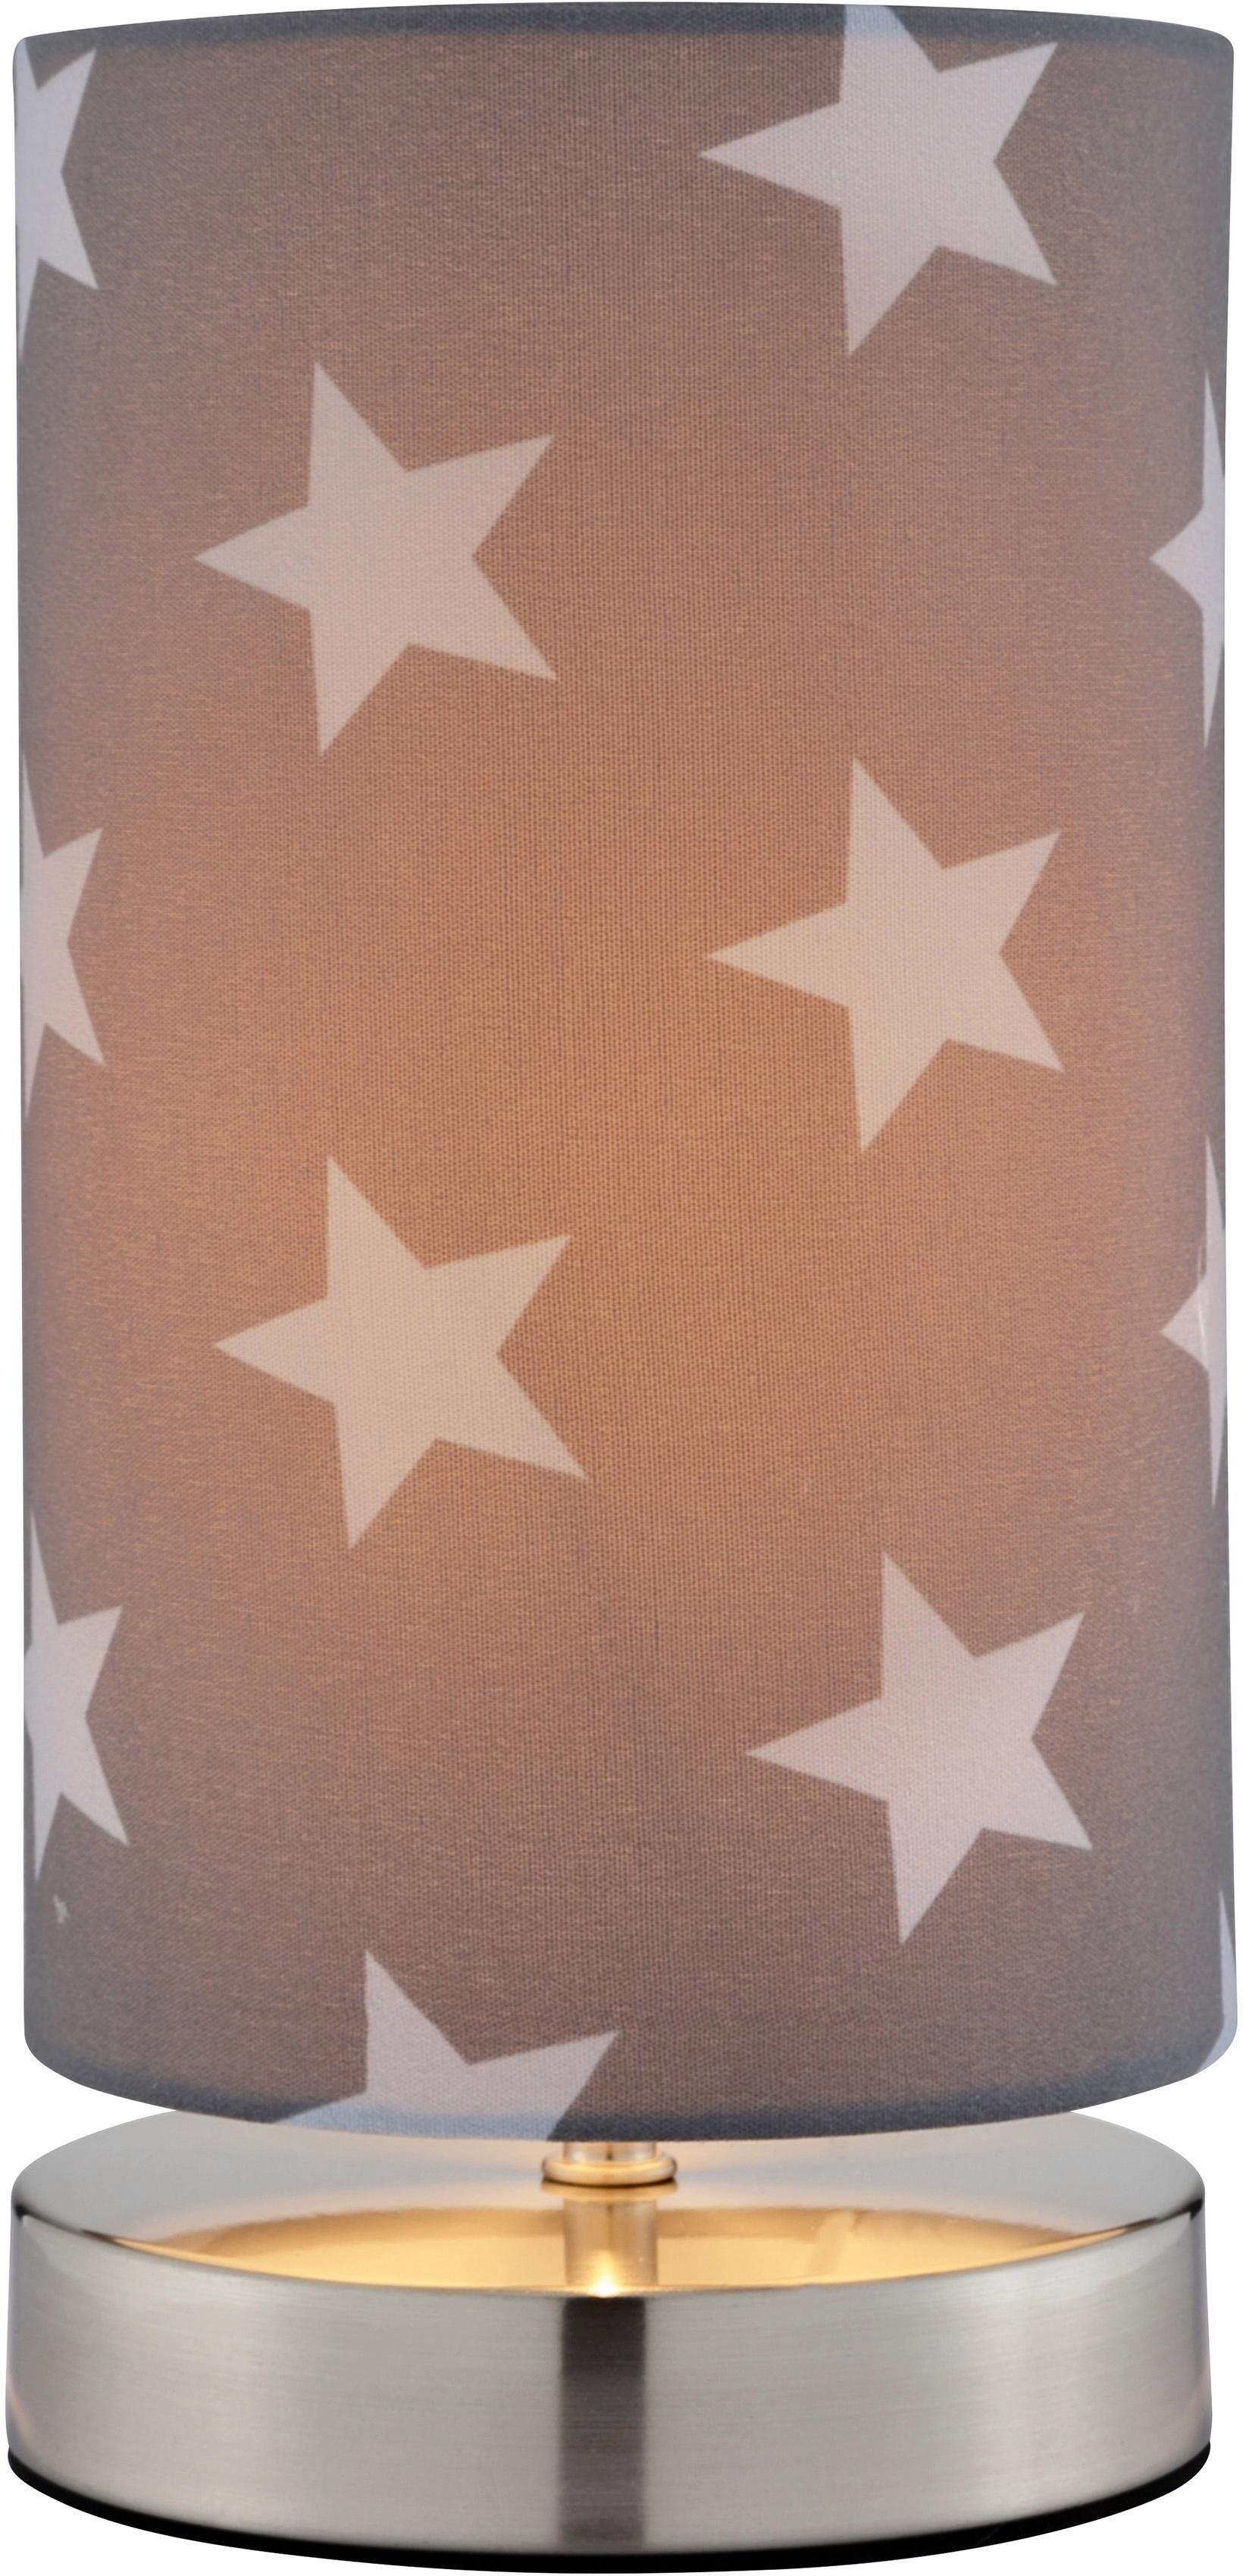 Lüttenhütt Tischleuchte Steern, E14, Tischlampe mit Sterne - Stoffschirm Ø 12 cm, grau / hellgrau, Touch Dimmer